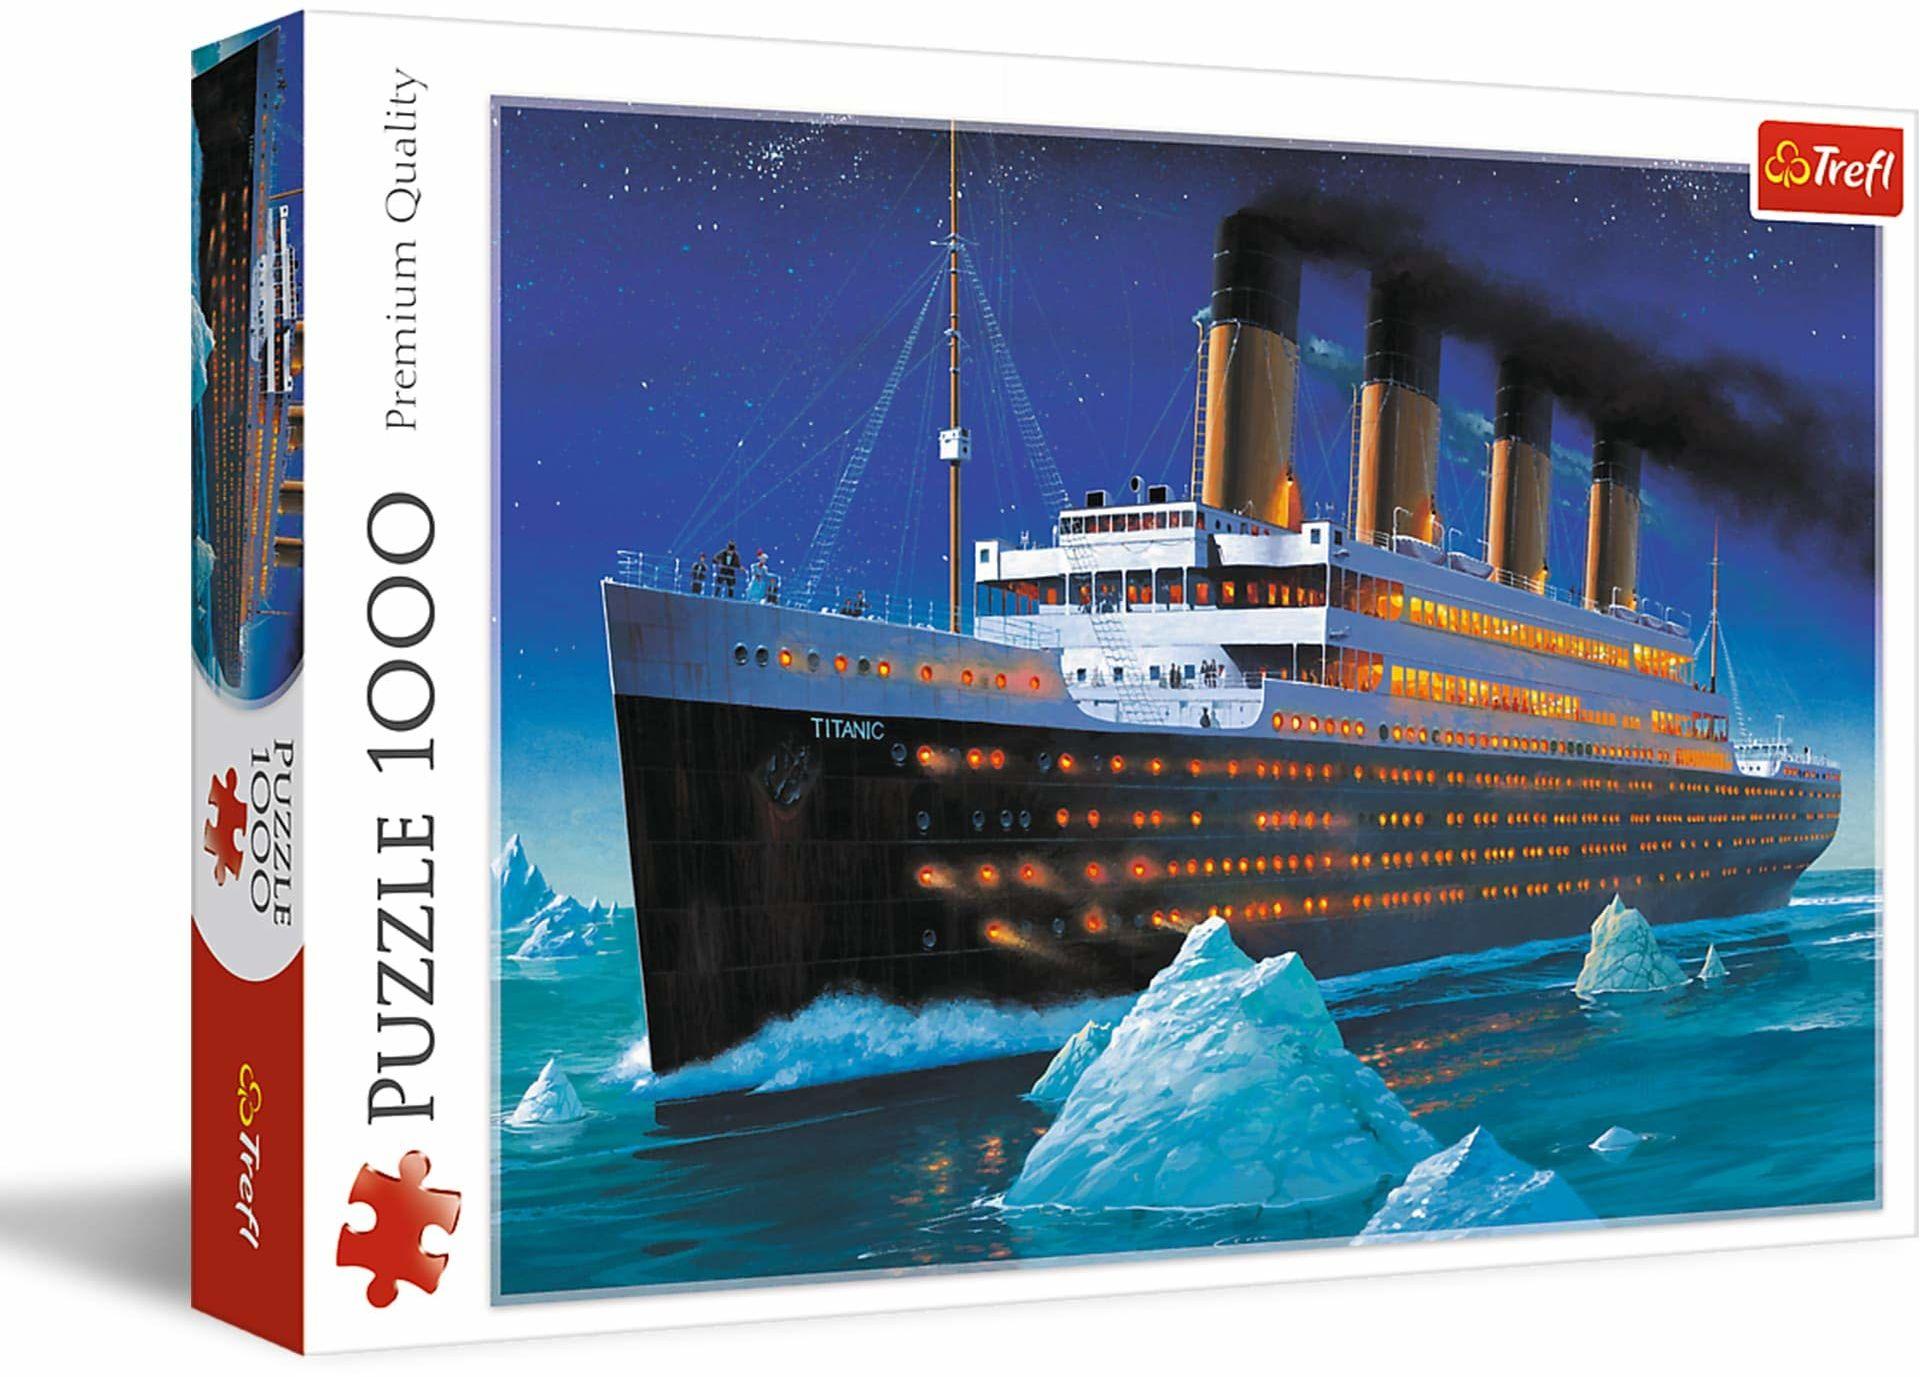 Trefl - Puzzle Titanic, Statek - 1000 Elementów, Anglia, Statek, Morze, Ocean, Góra Lodowa, Układanka DIY, Kreatywna Rozrywka, Zabawa, Prezent, Puzzle Klasyczne dla Dorosłych i Dzieci od 12 Lat